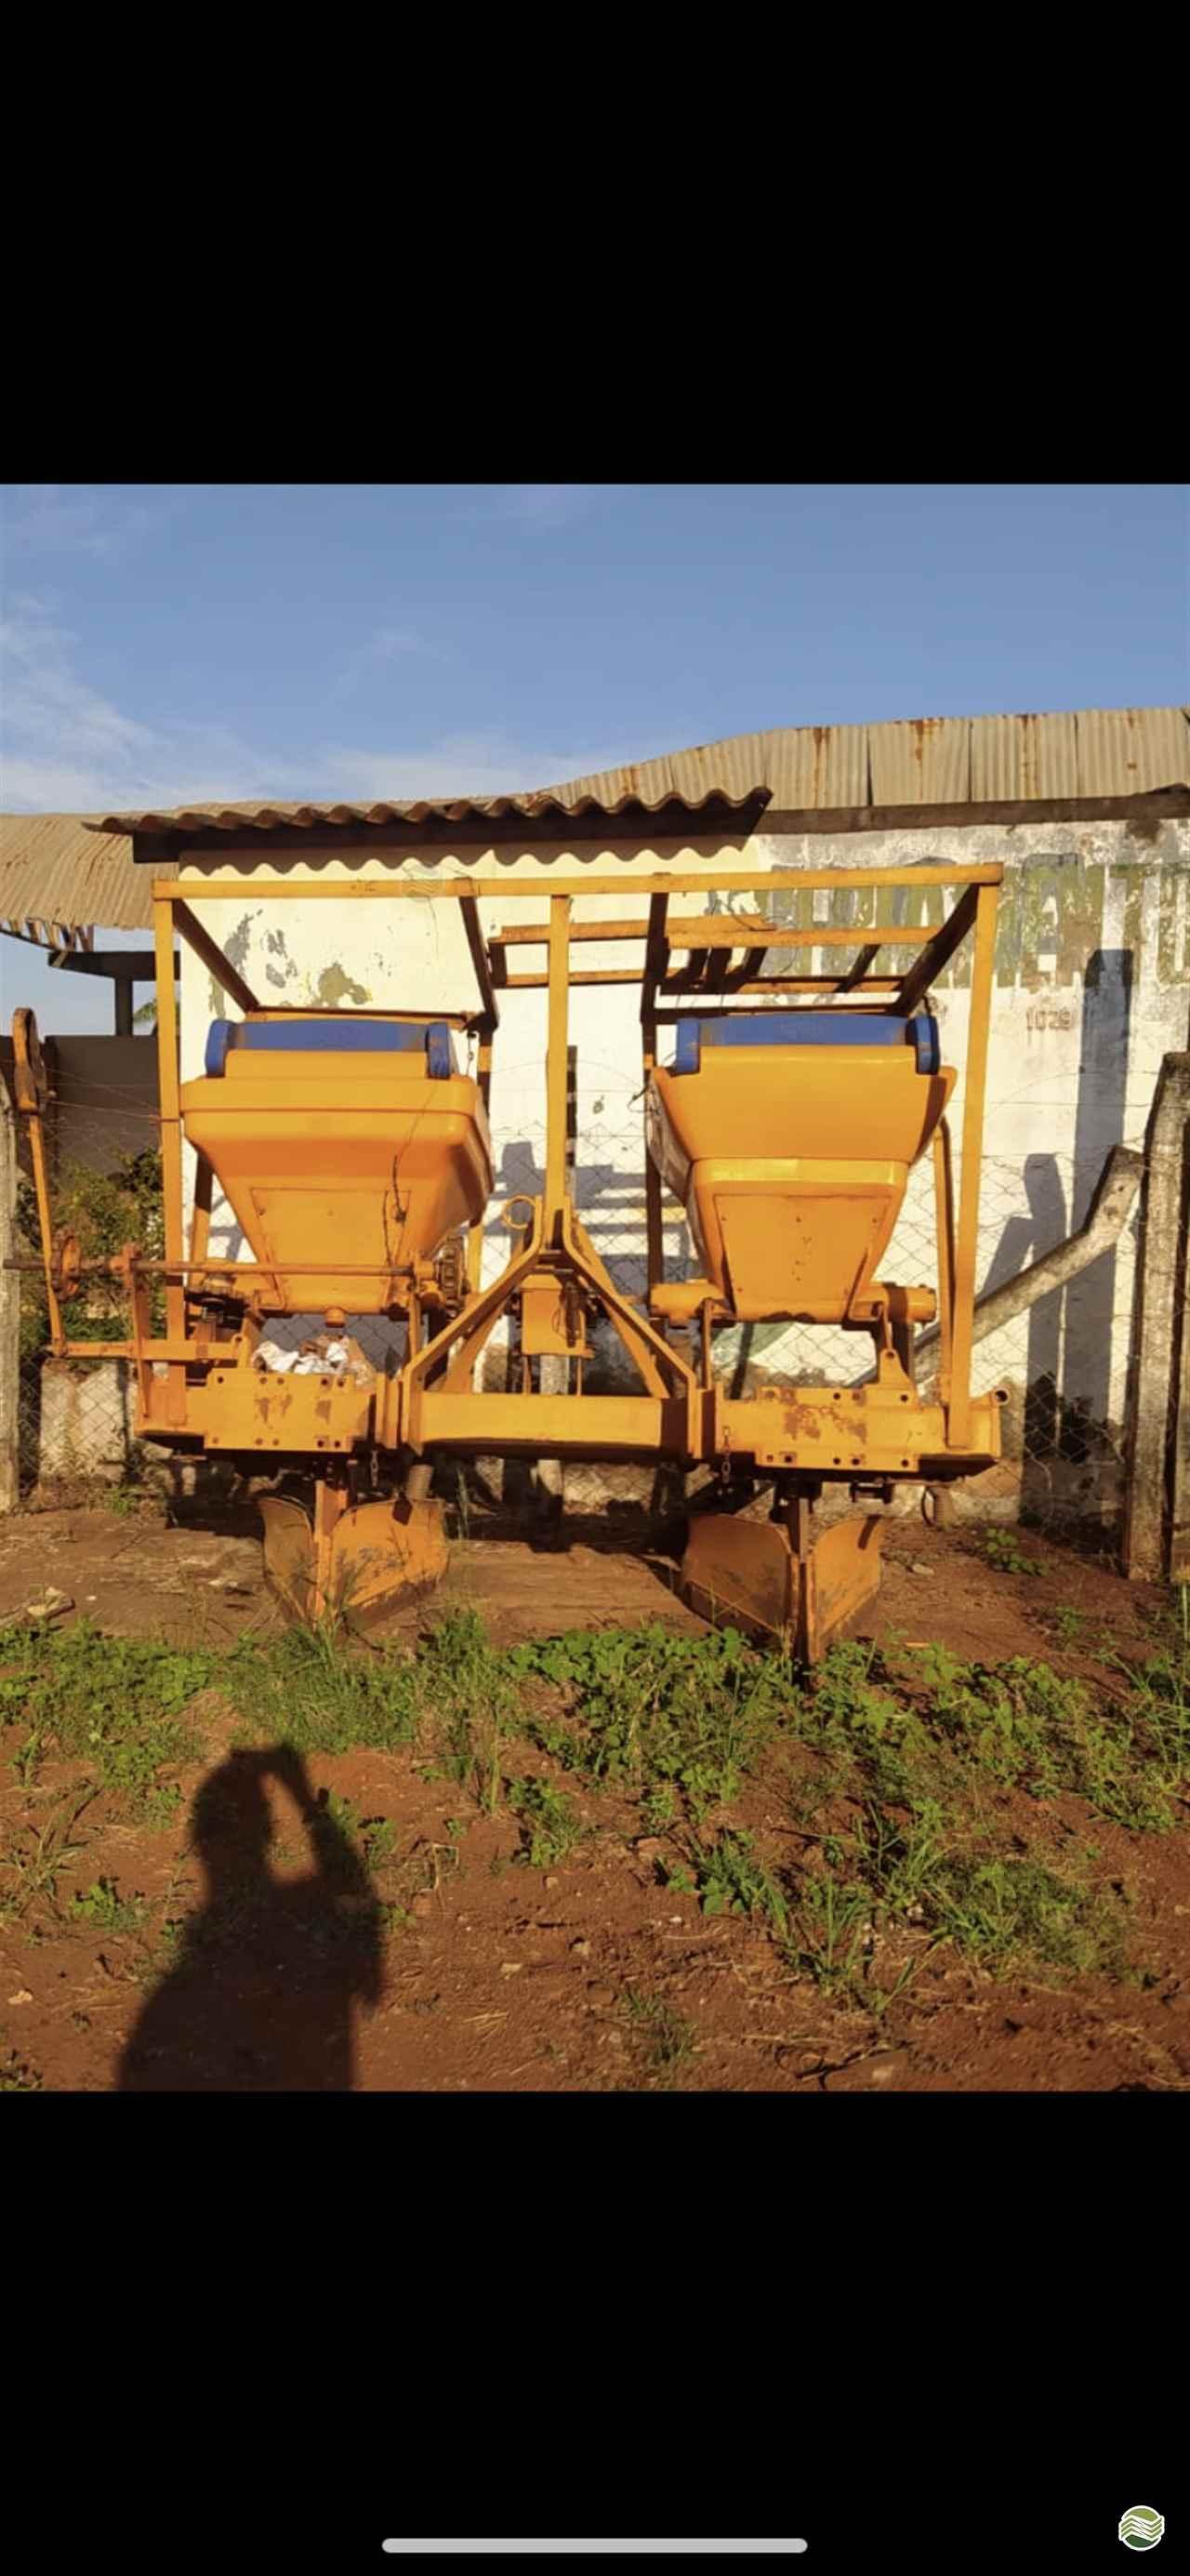 IMPLEMENTOS AGRICOLAS CULTIVADOR COBRIDOR DE CANA Gomes e Gouveia Máquinas CENTRALINA MINAS GERAIS MG